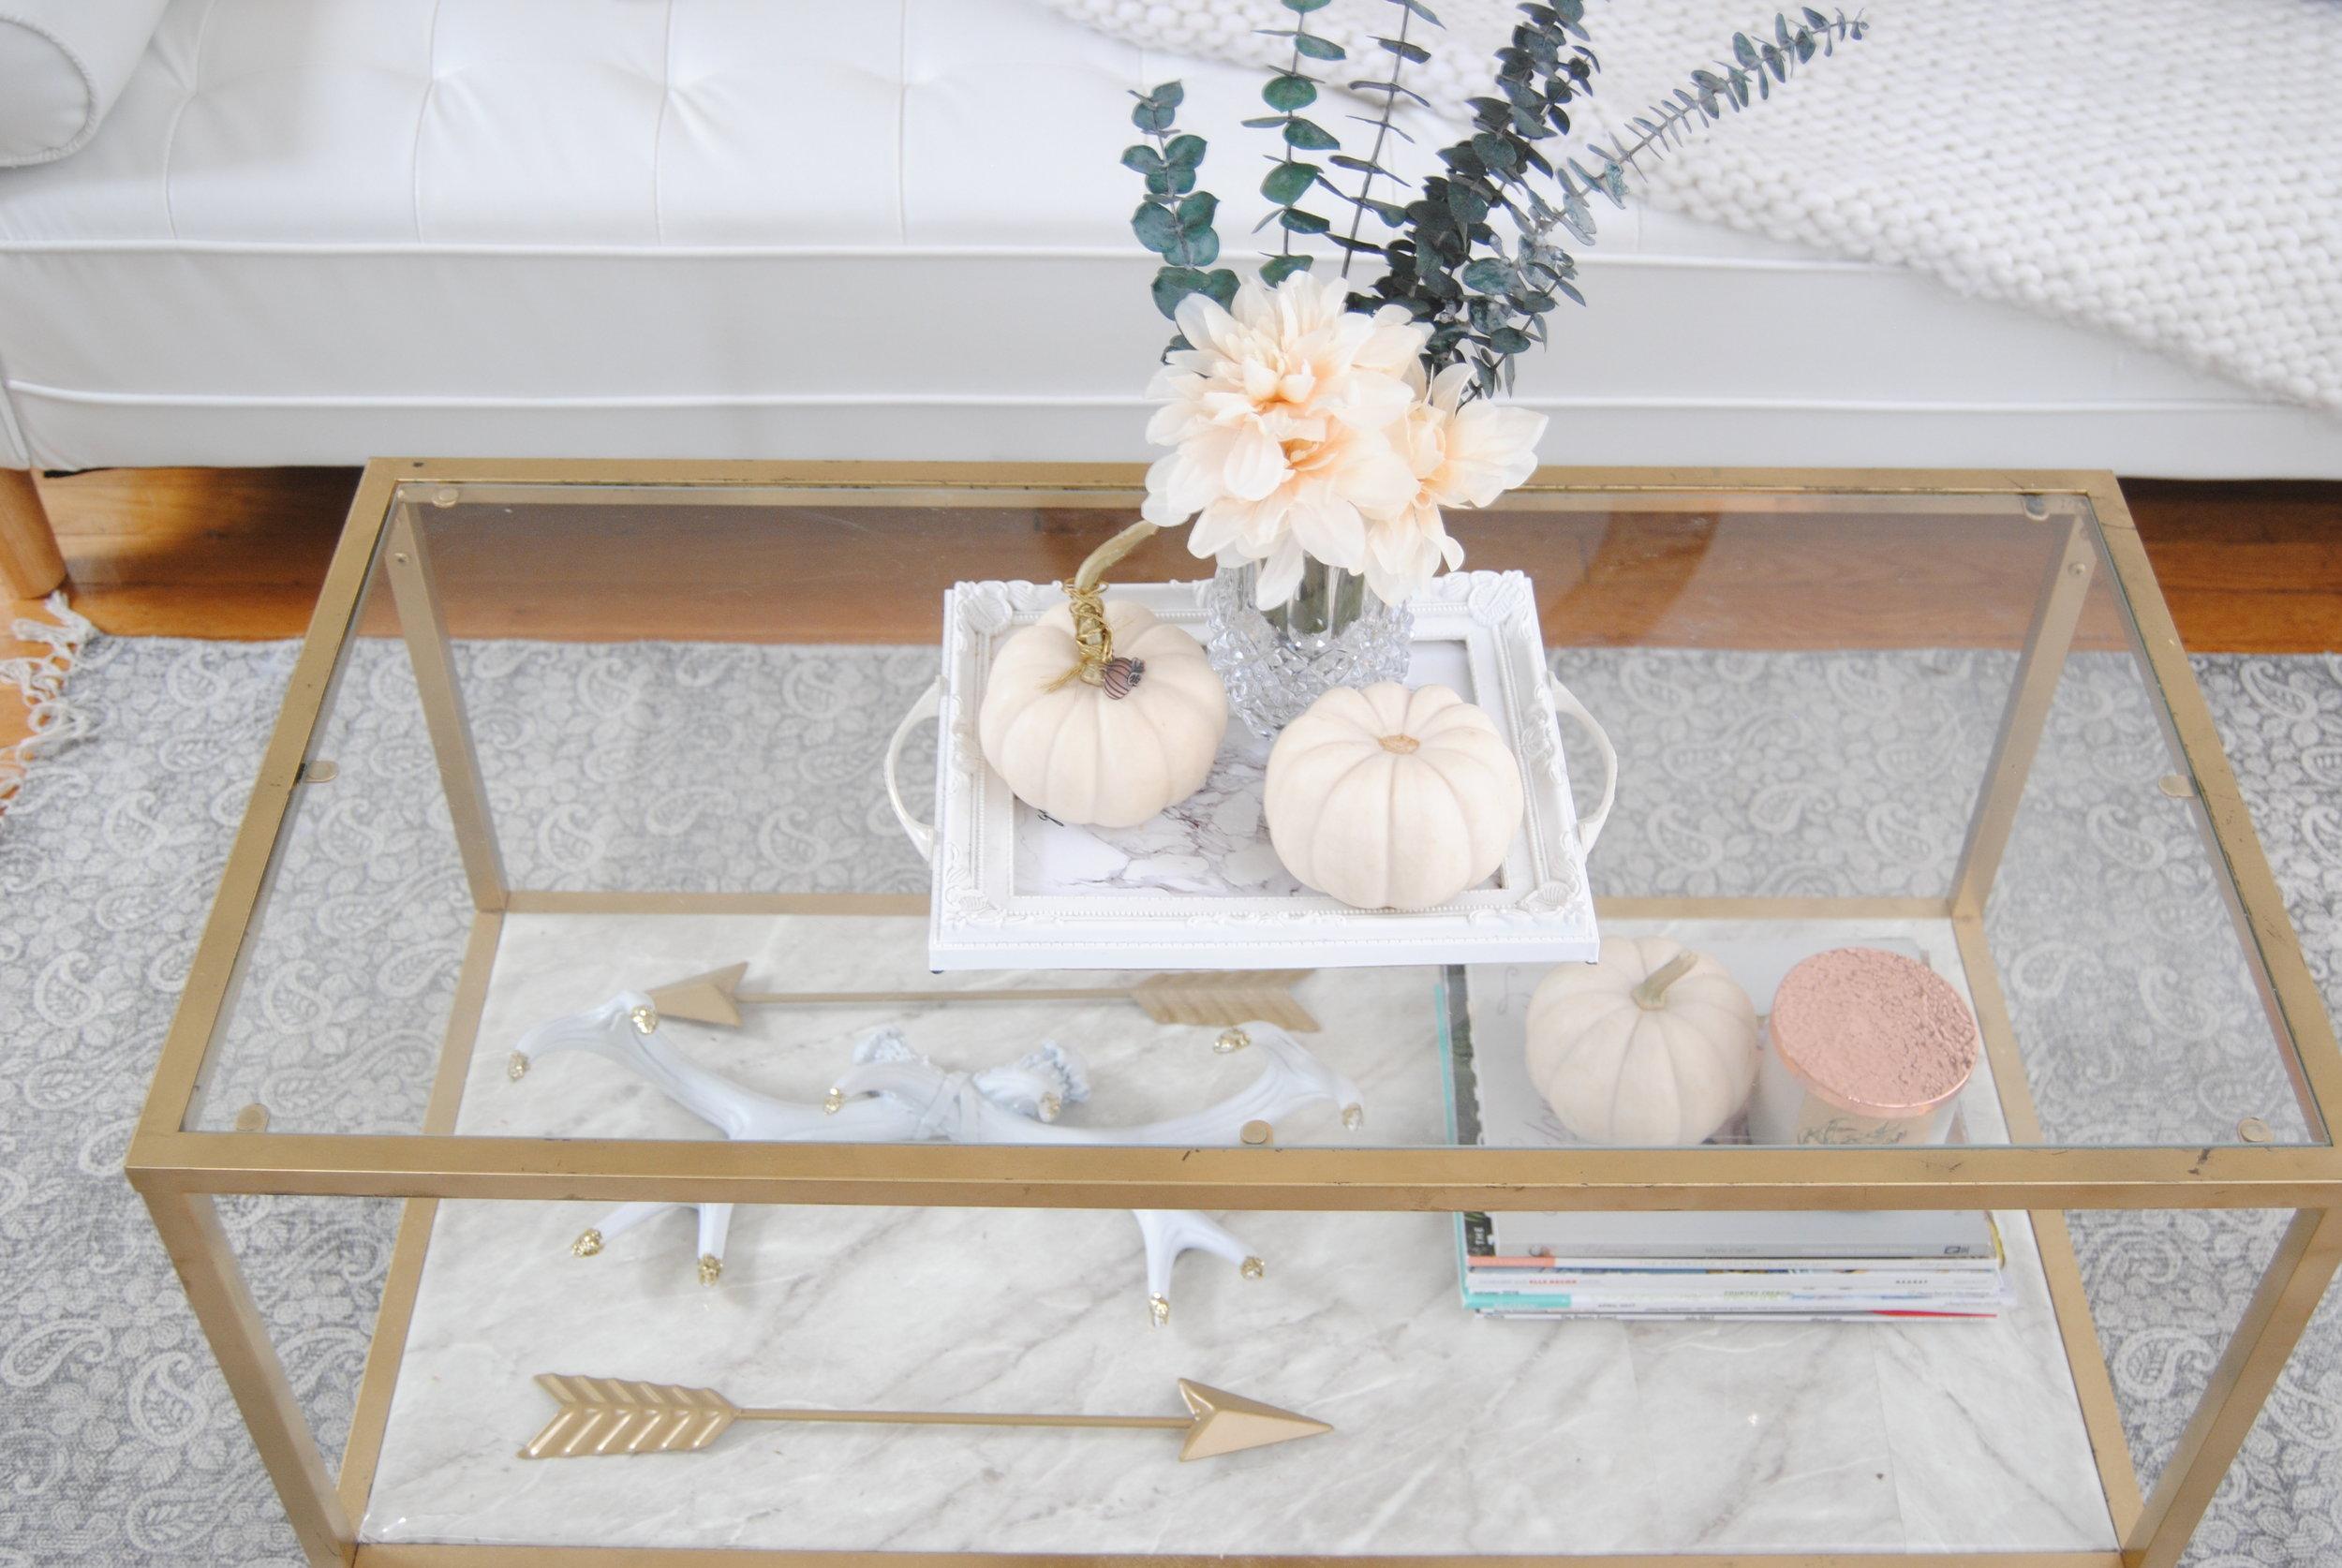 diy-ikea-hacks-table-marble